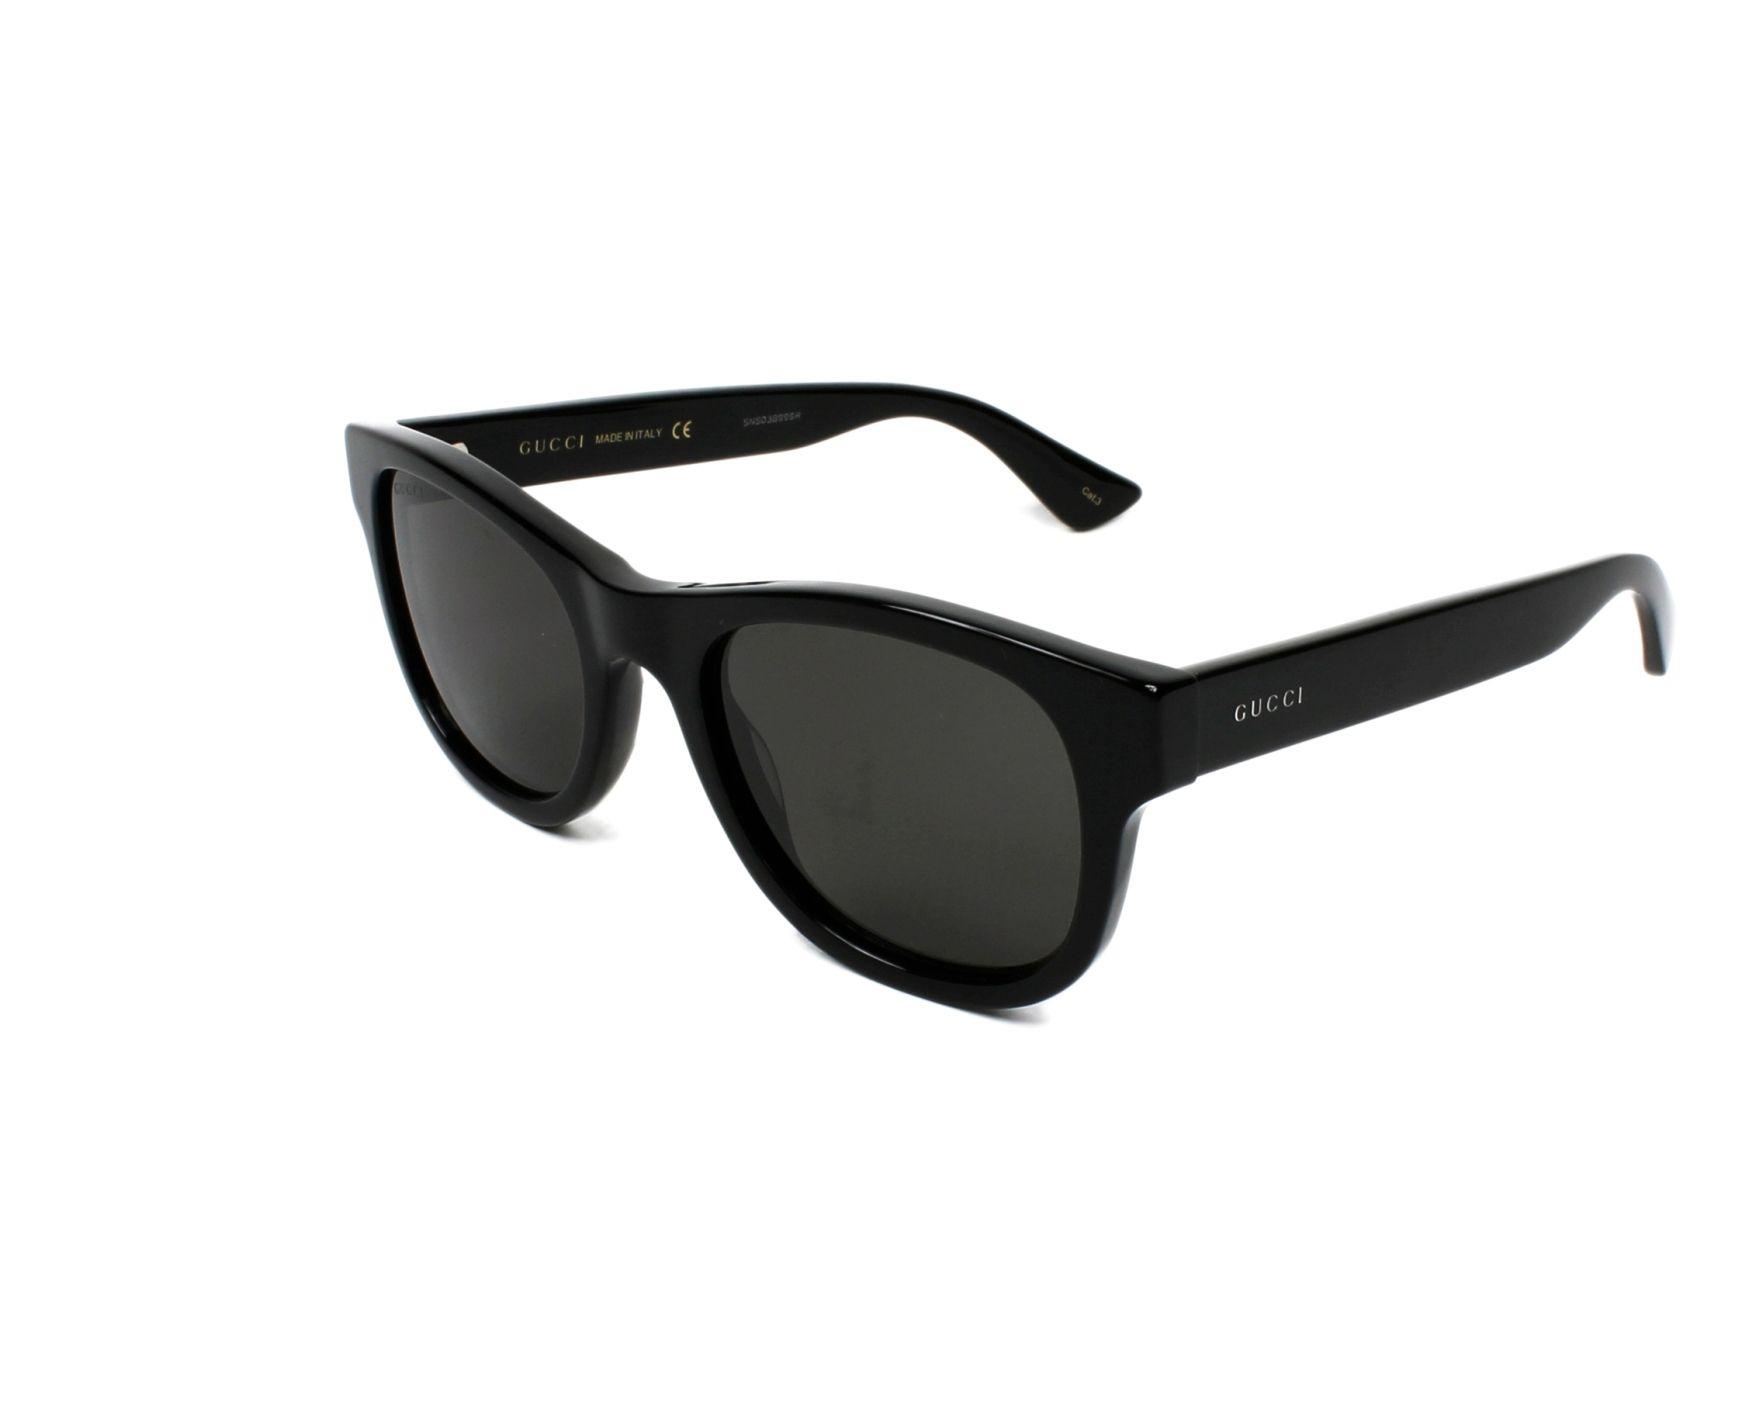 lunettes de soleil de gucci en gg 0001 s 001